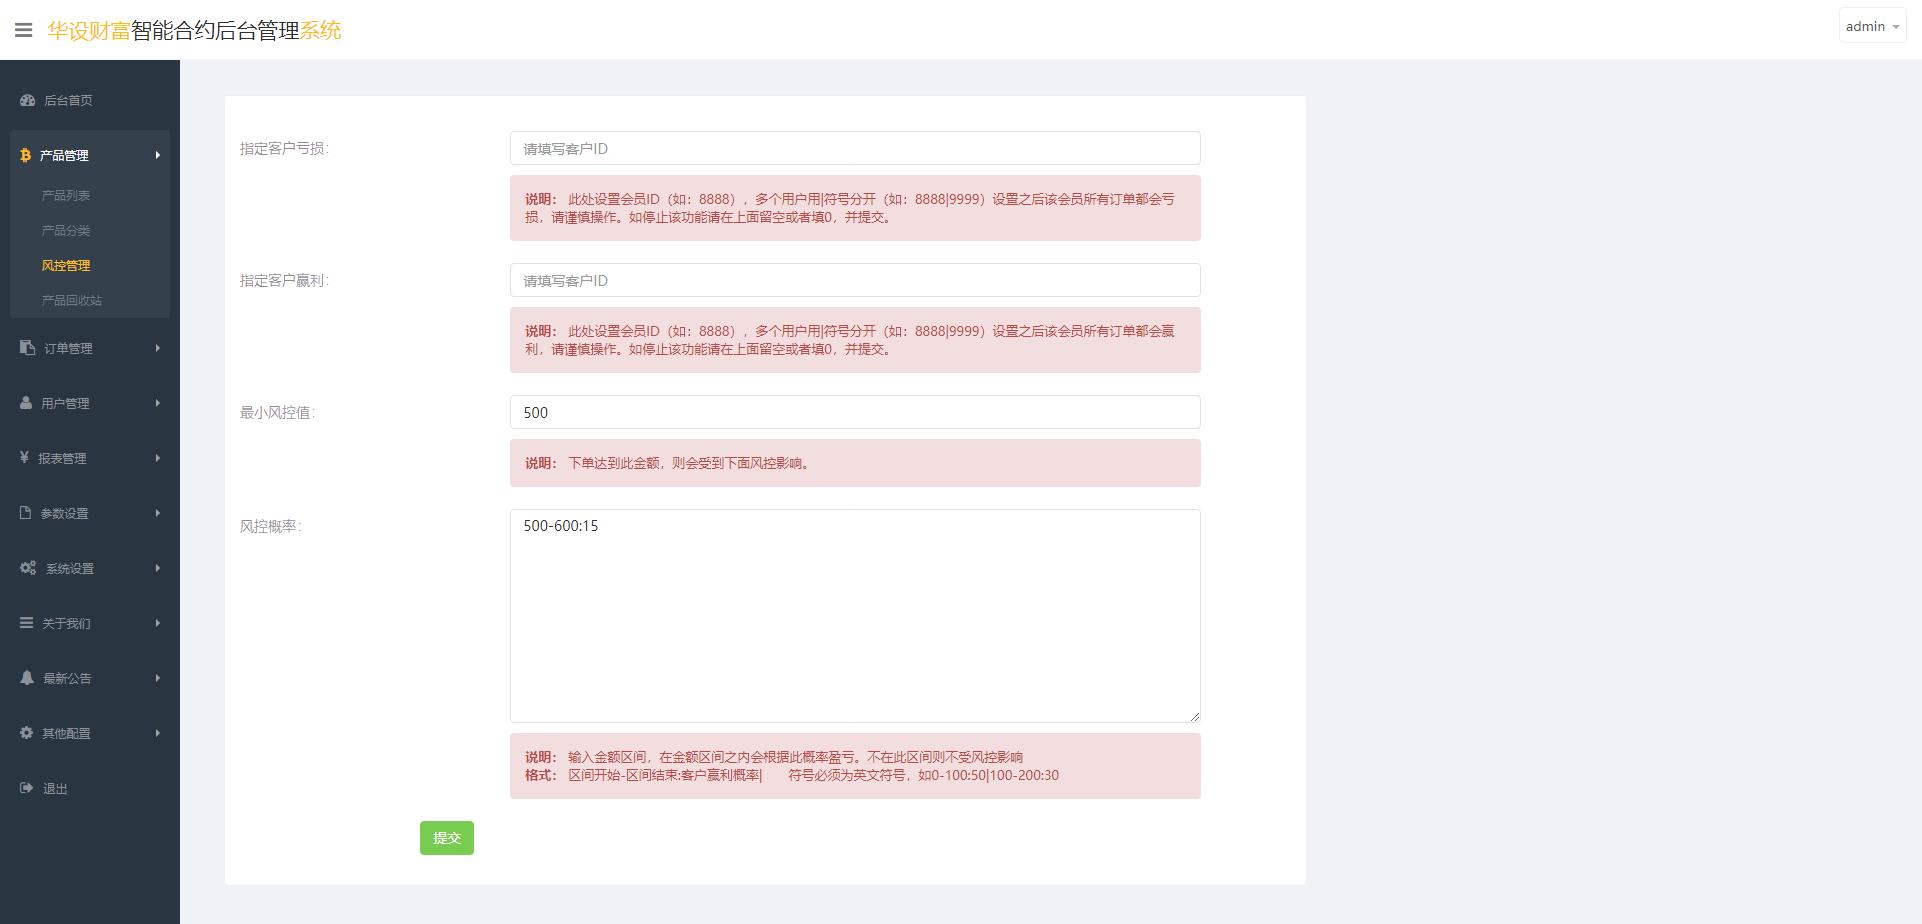 亲测丨华设财富微交易完整源码下载丨至尊微交易二开修复版丨K线修复丨带风控丨中英双语